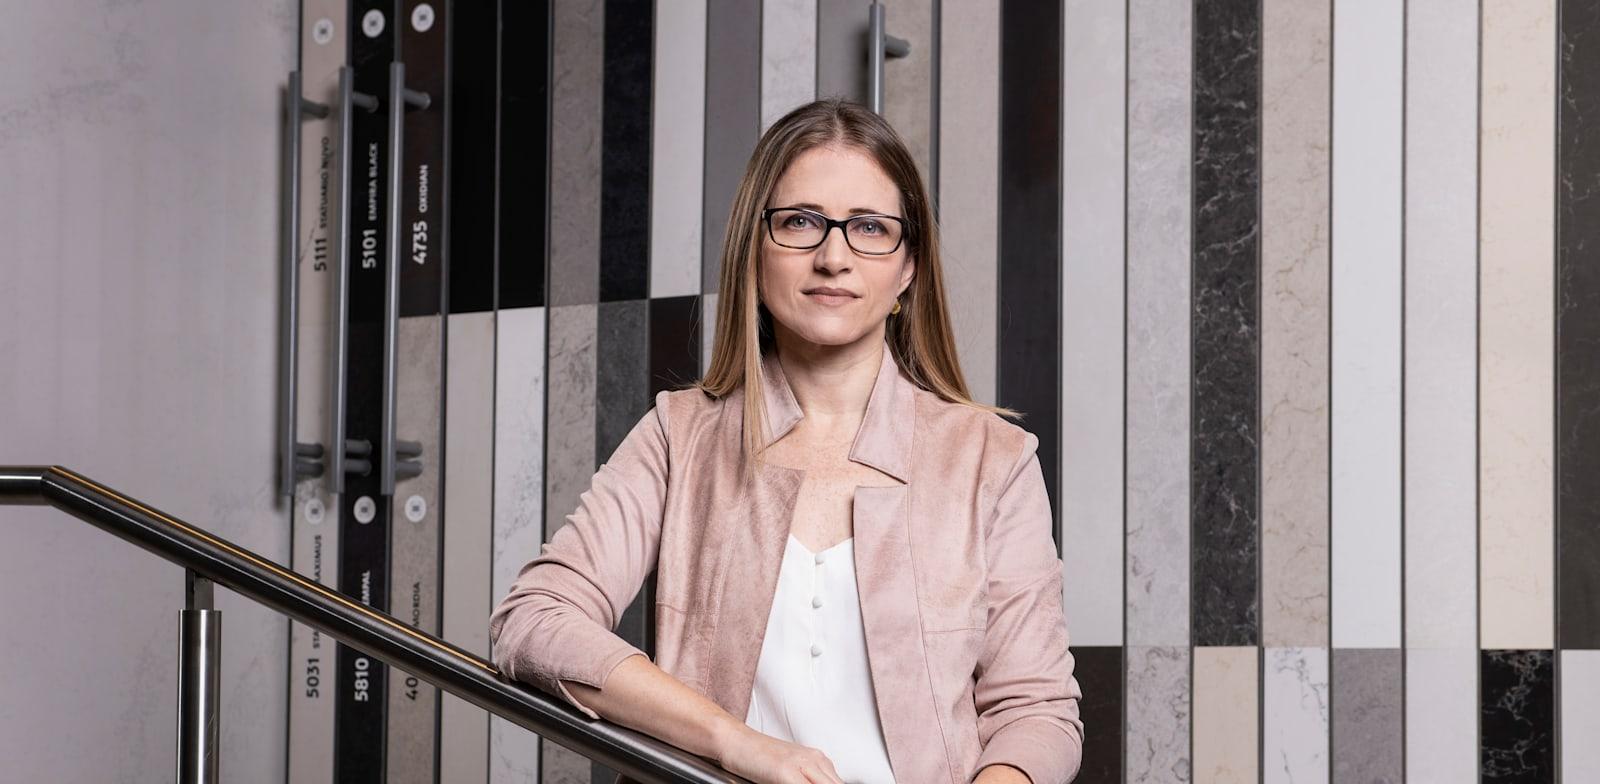 """רינת אפרימה, מנכ""""לית אבן קיסר / צילום: איליה מלינקוב"""